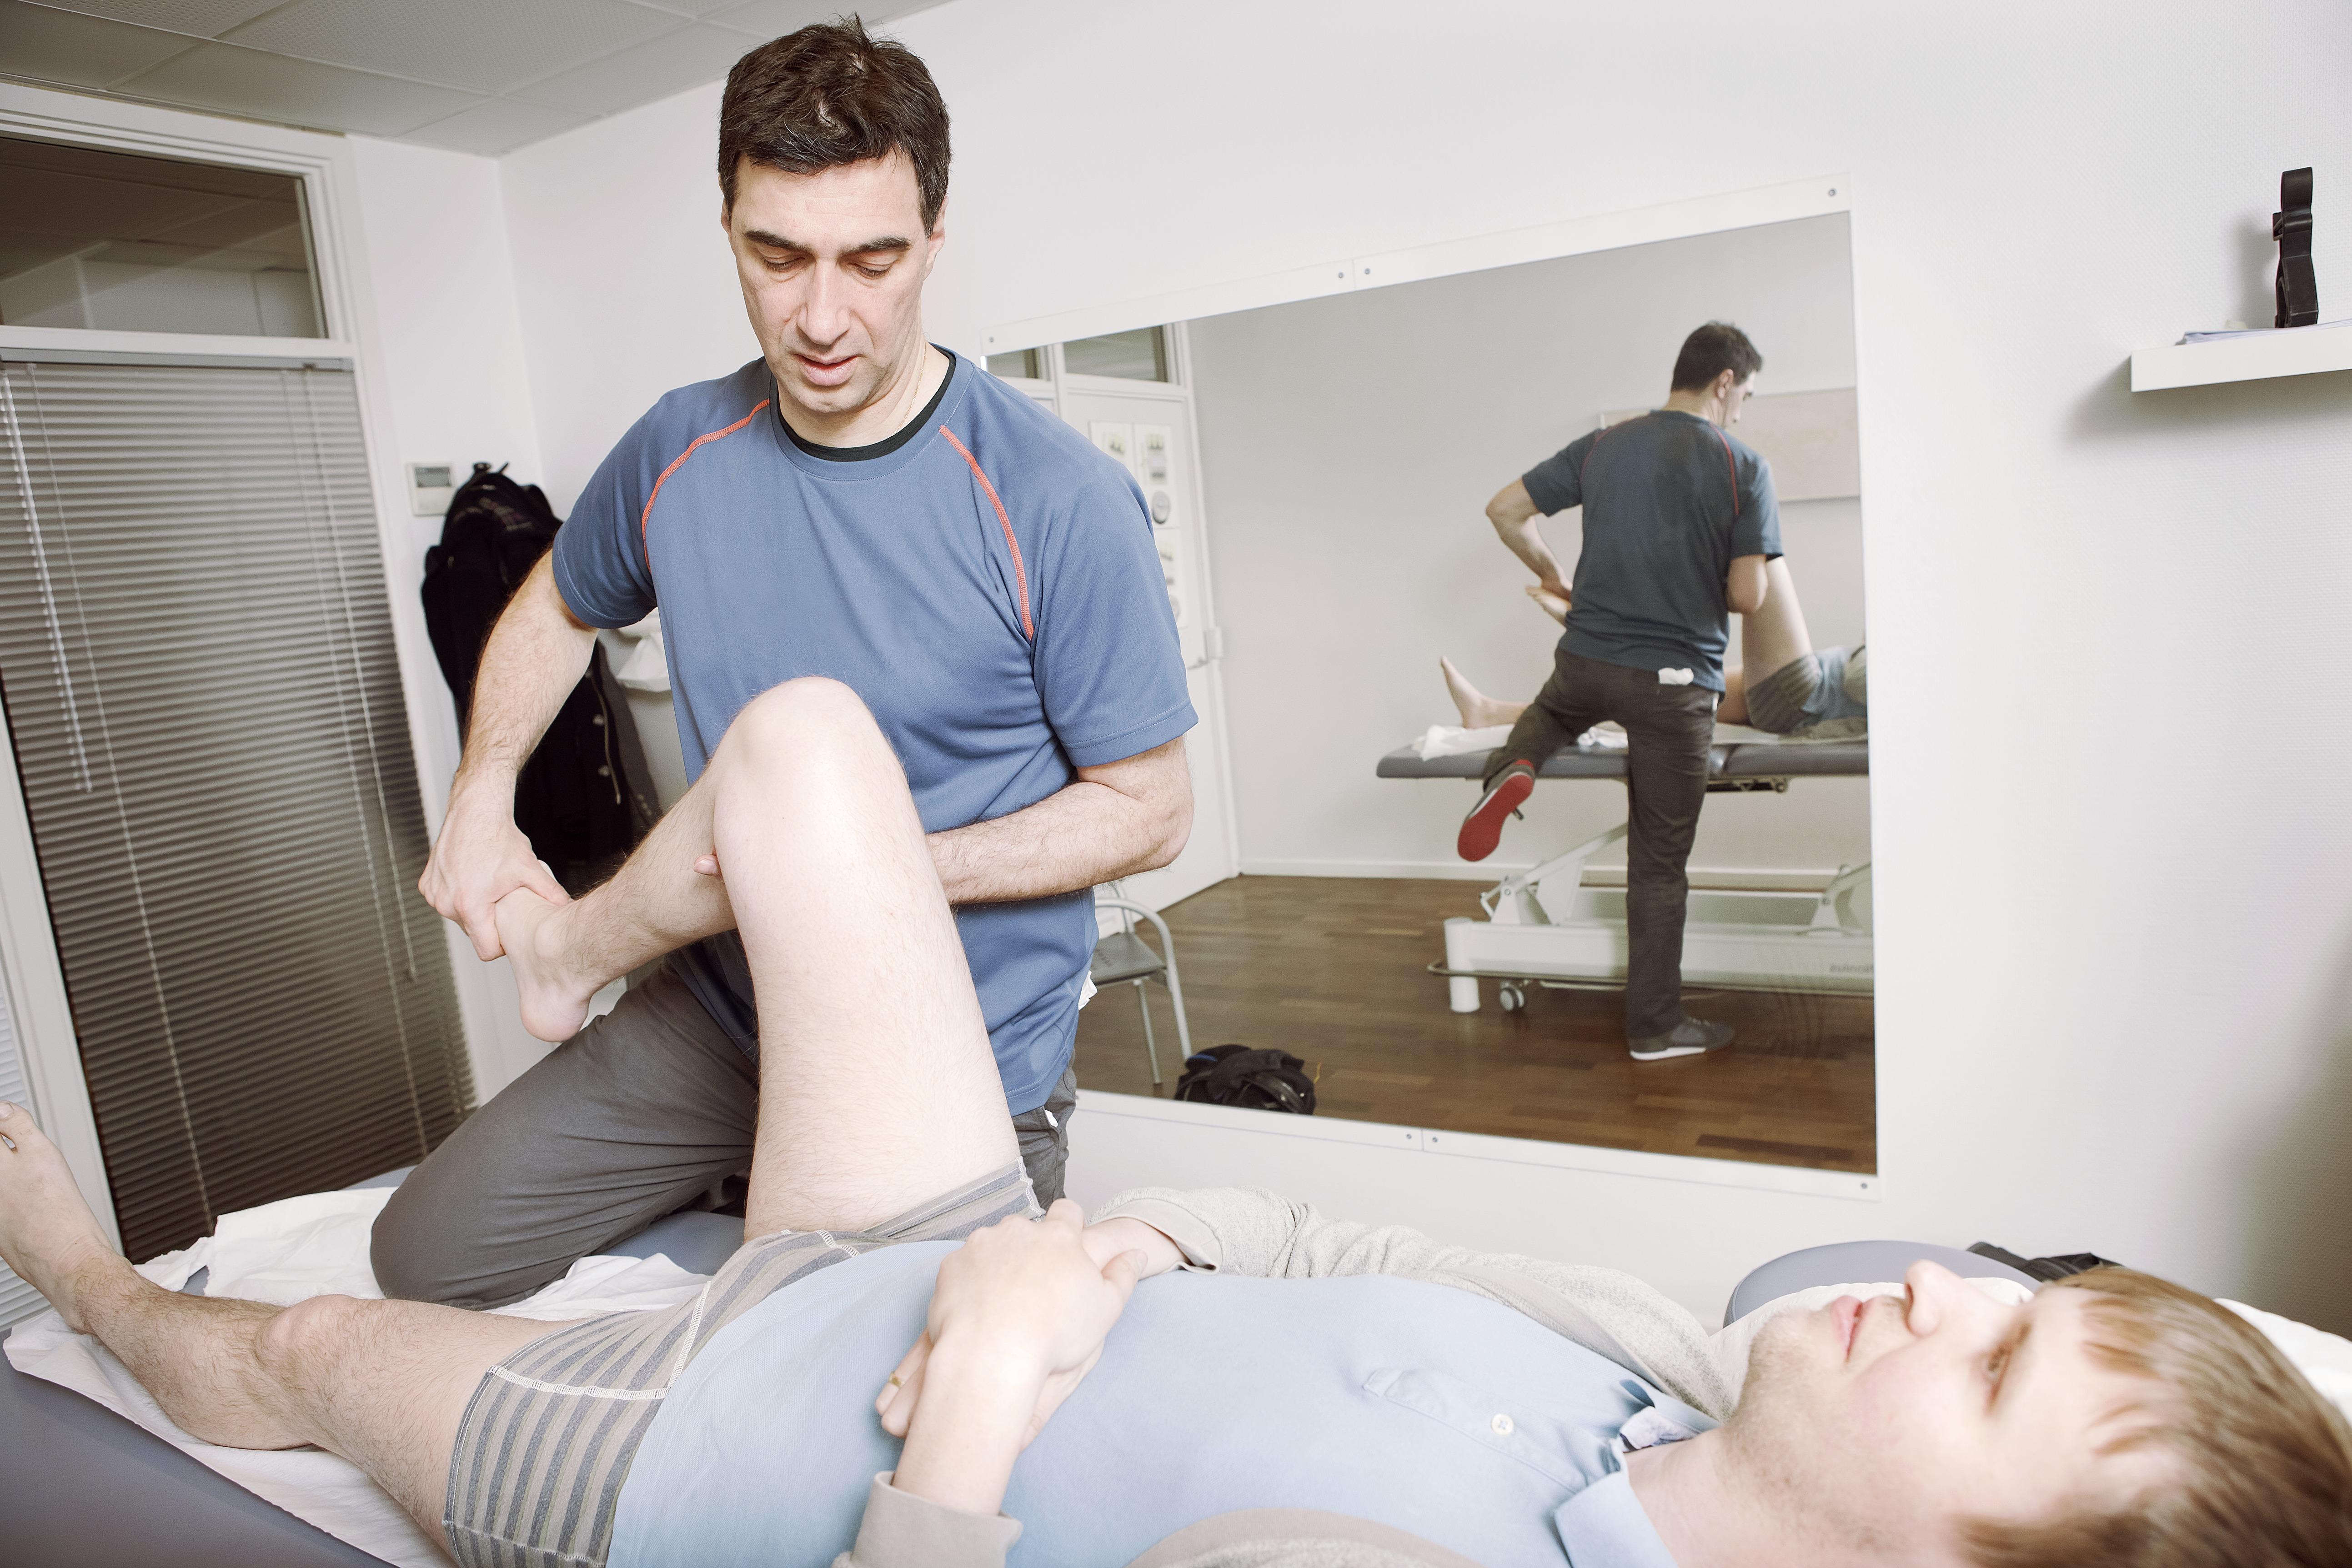 massasje porsgrunn face sitting